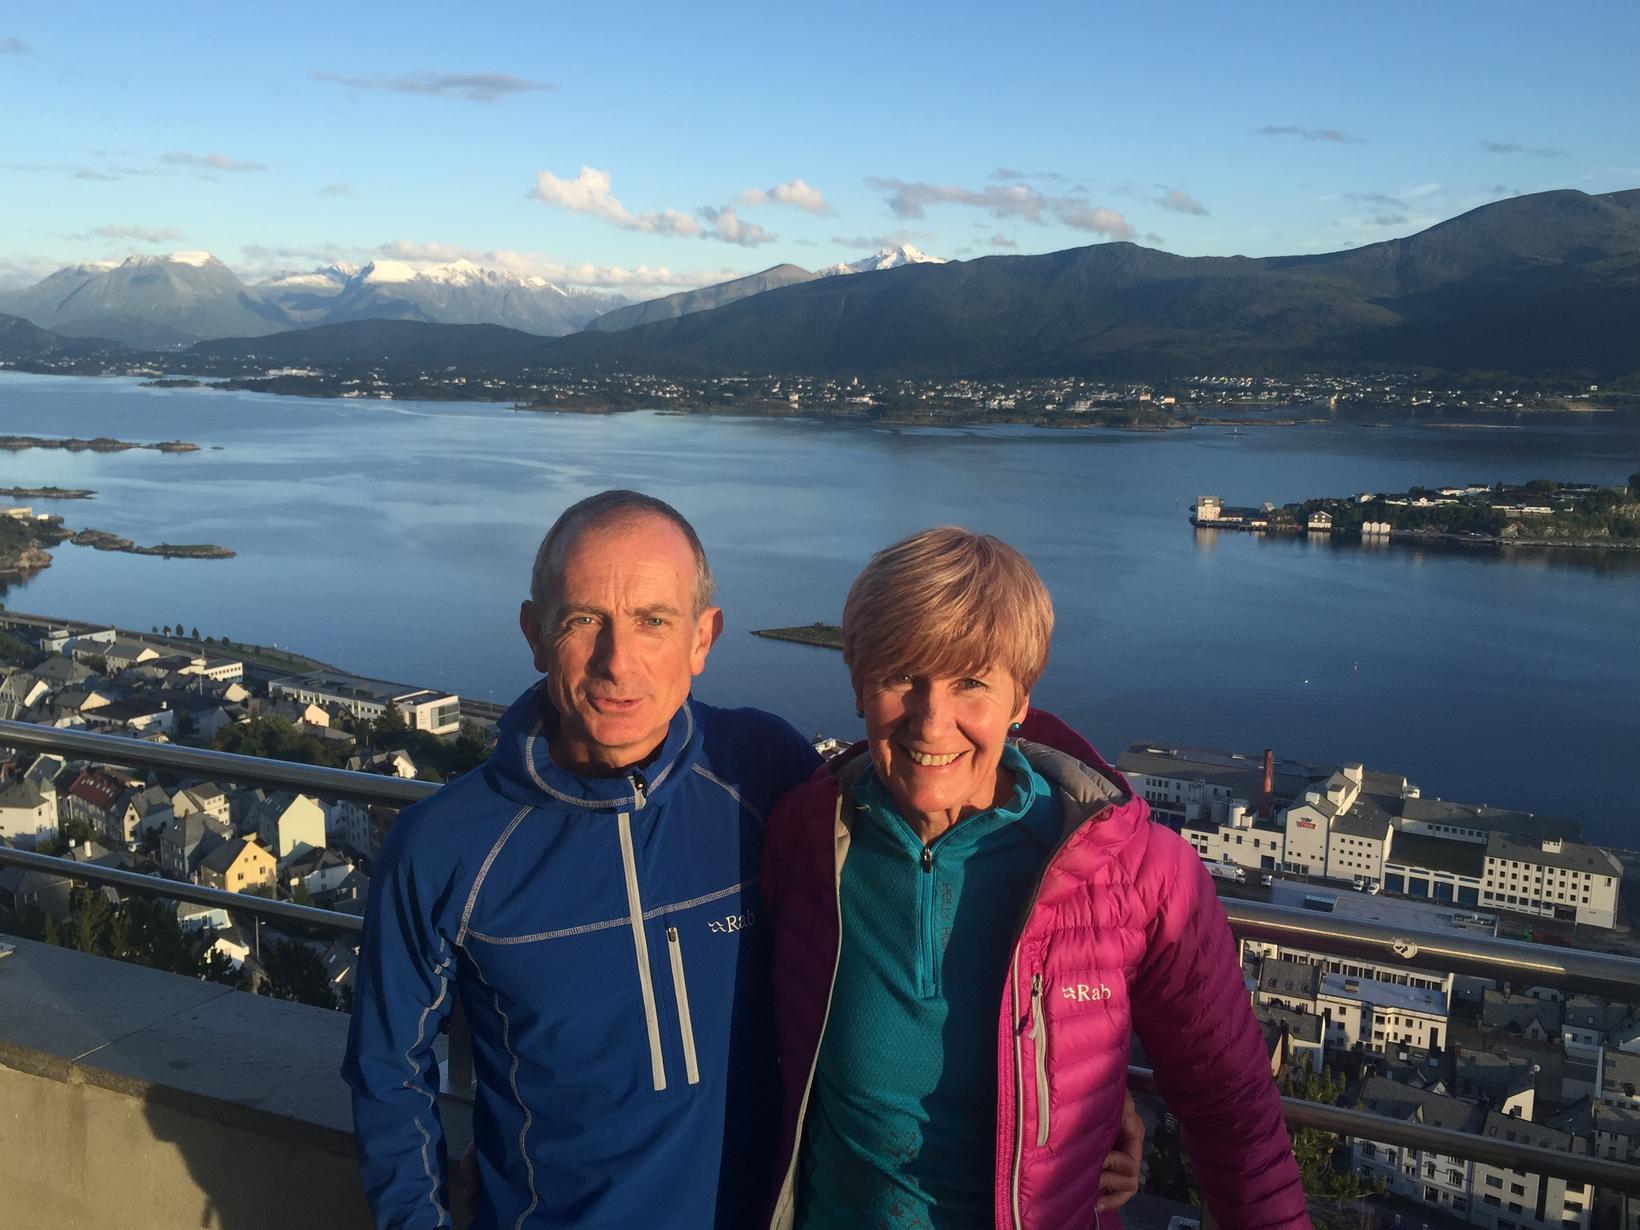 Sue & Simon from Chester, United Kingdom